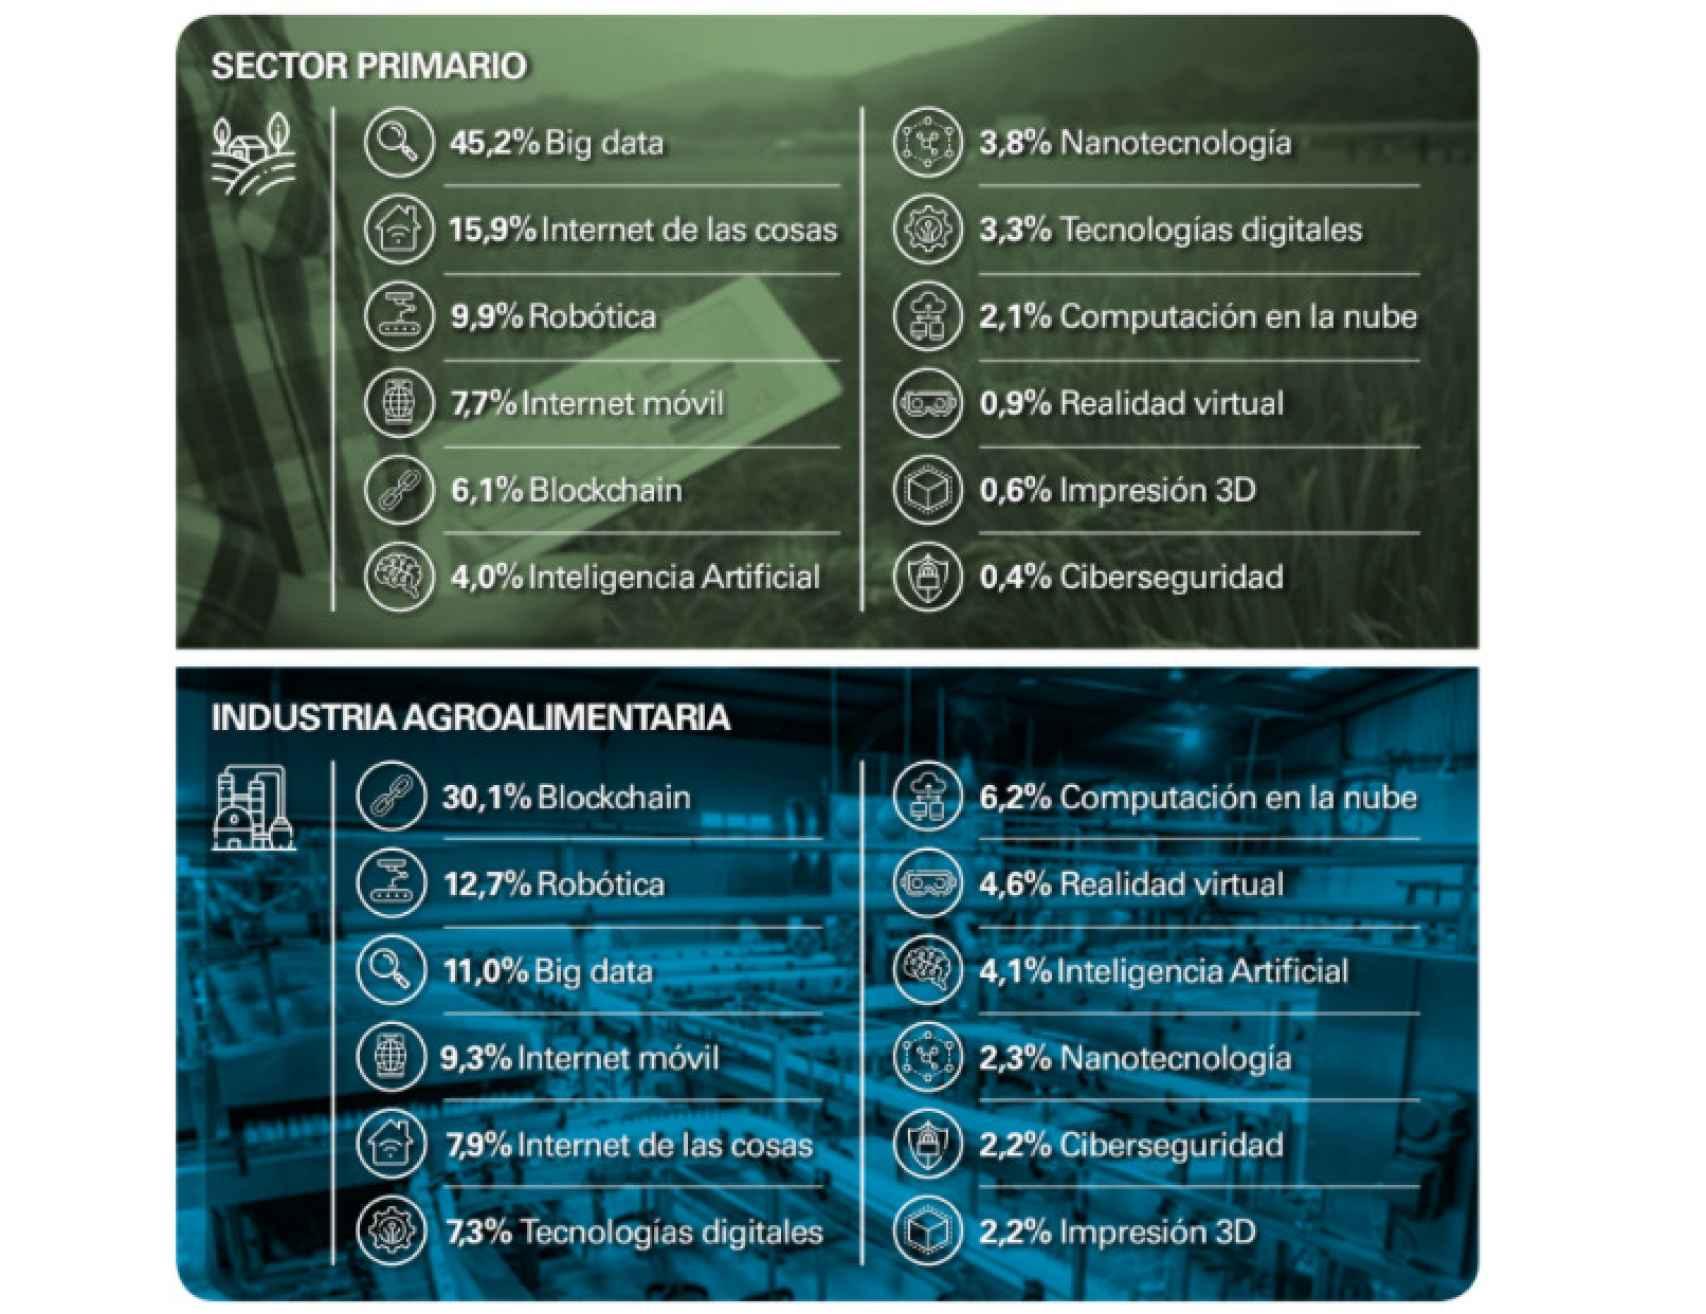 Popularidad de las distintas tecnologías digitales en el sector agroalimentario